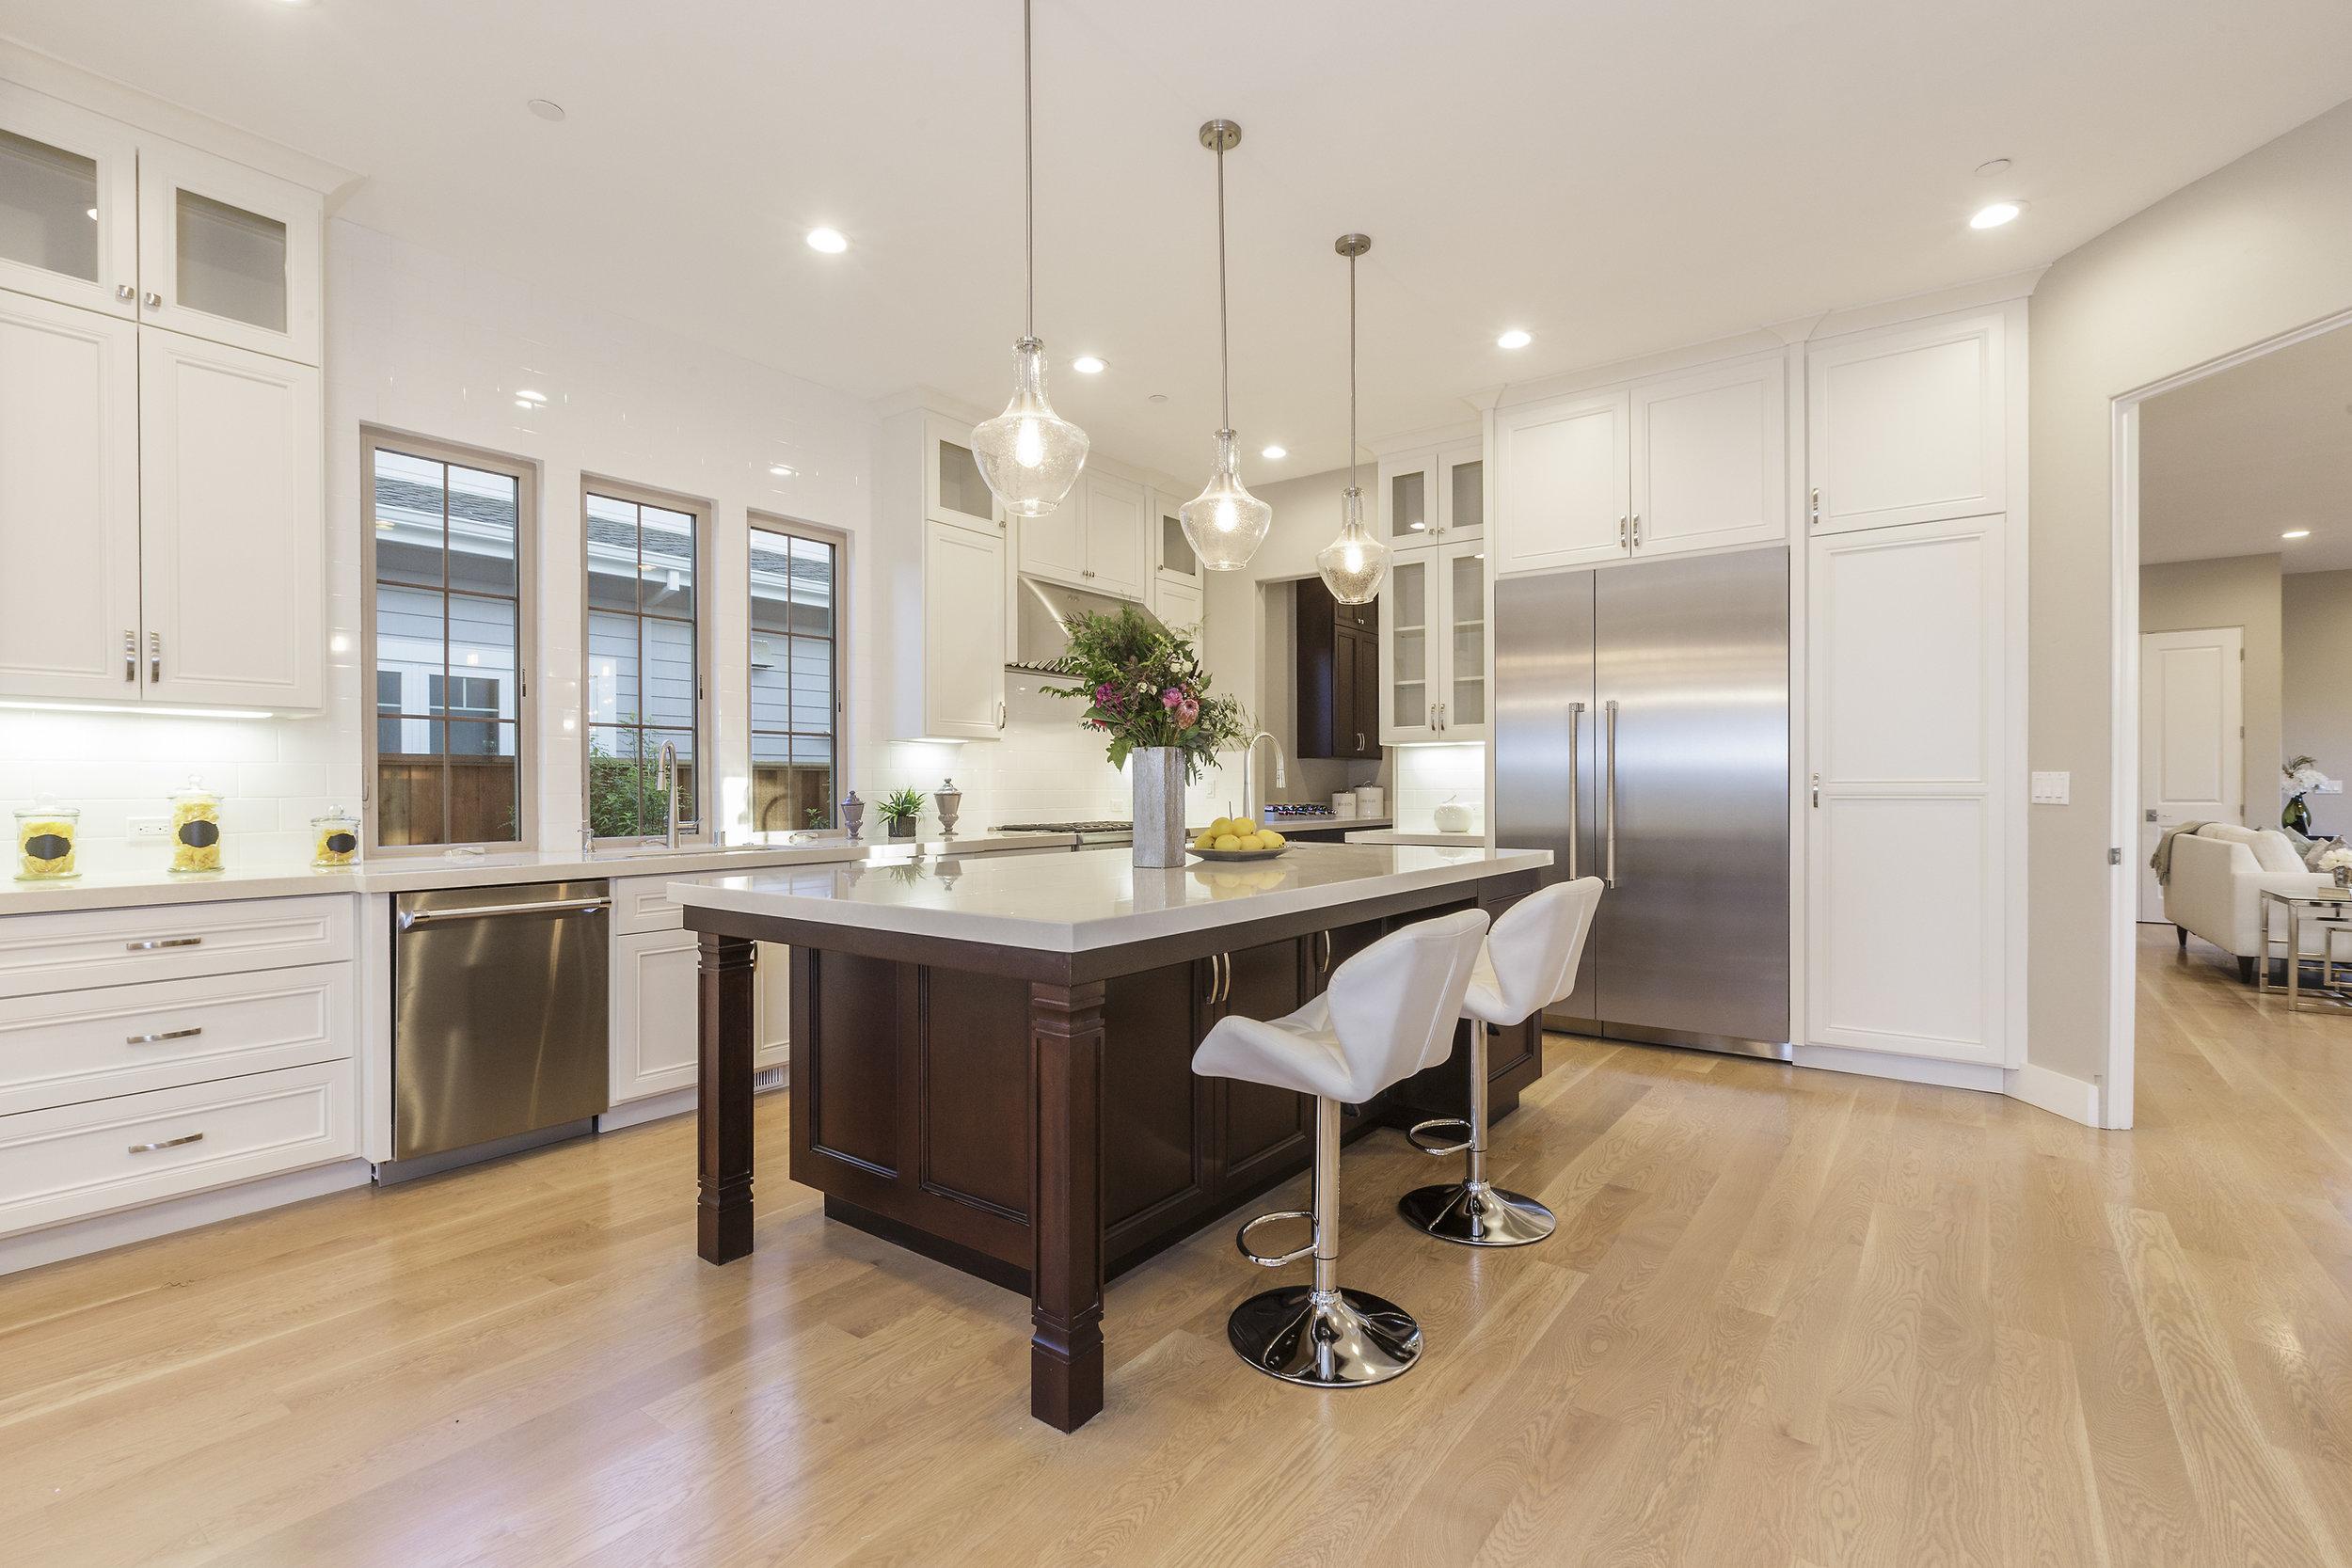 007-21825-Lomita-kitchen-high-res.jpg